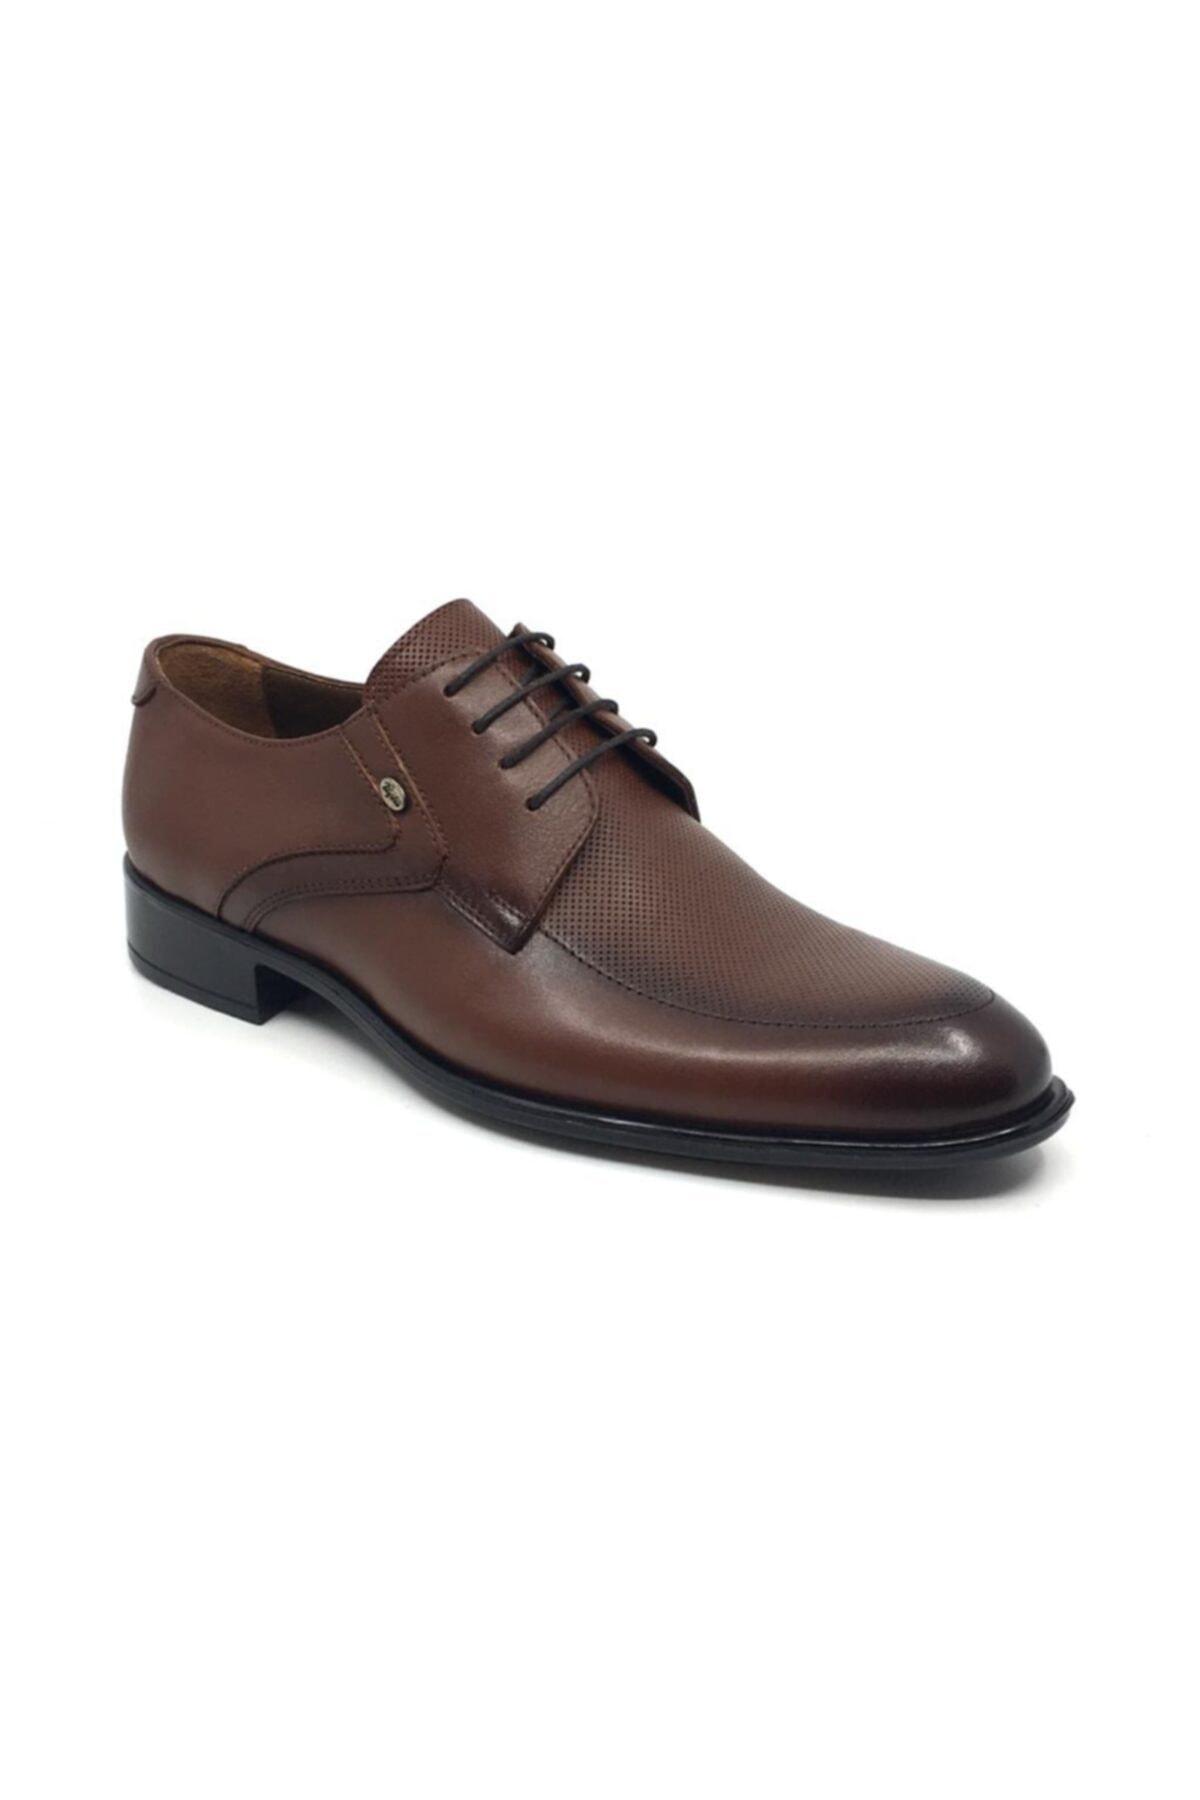 Taşpınar Erkek Kahverengi Bağcıklı Klasik Yazlık Ayakkabı 1